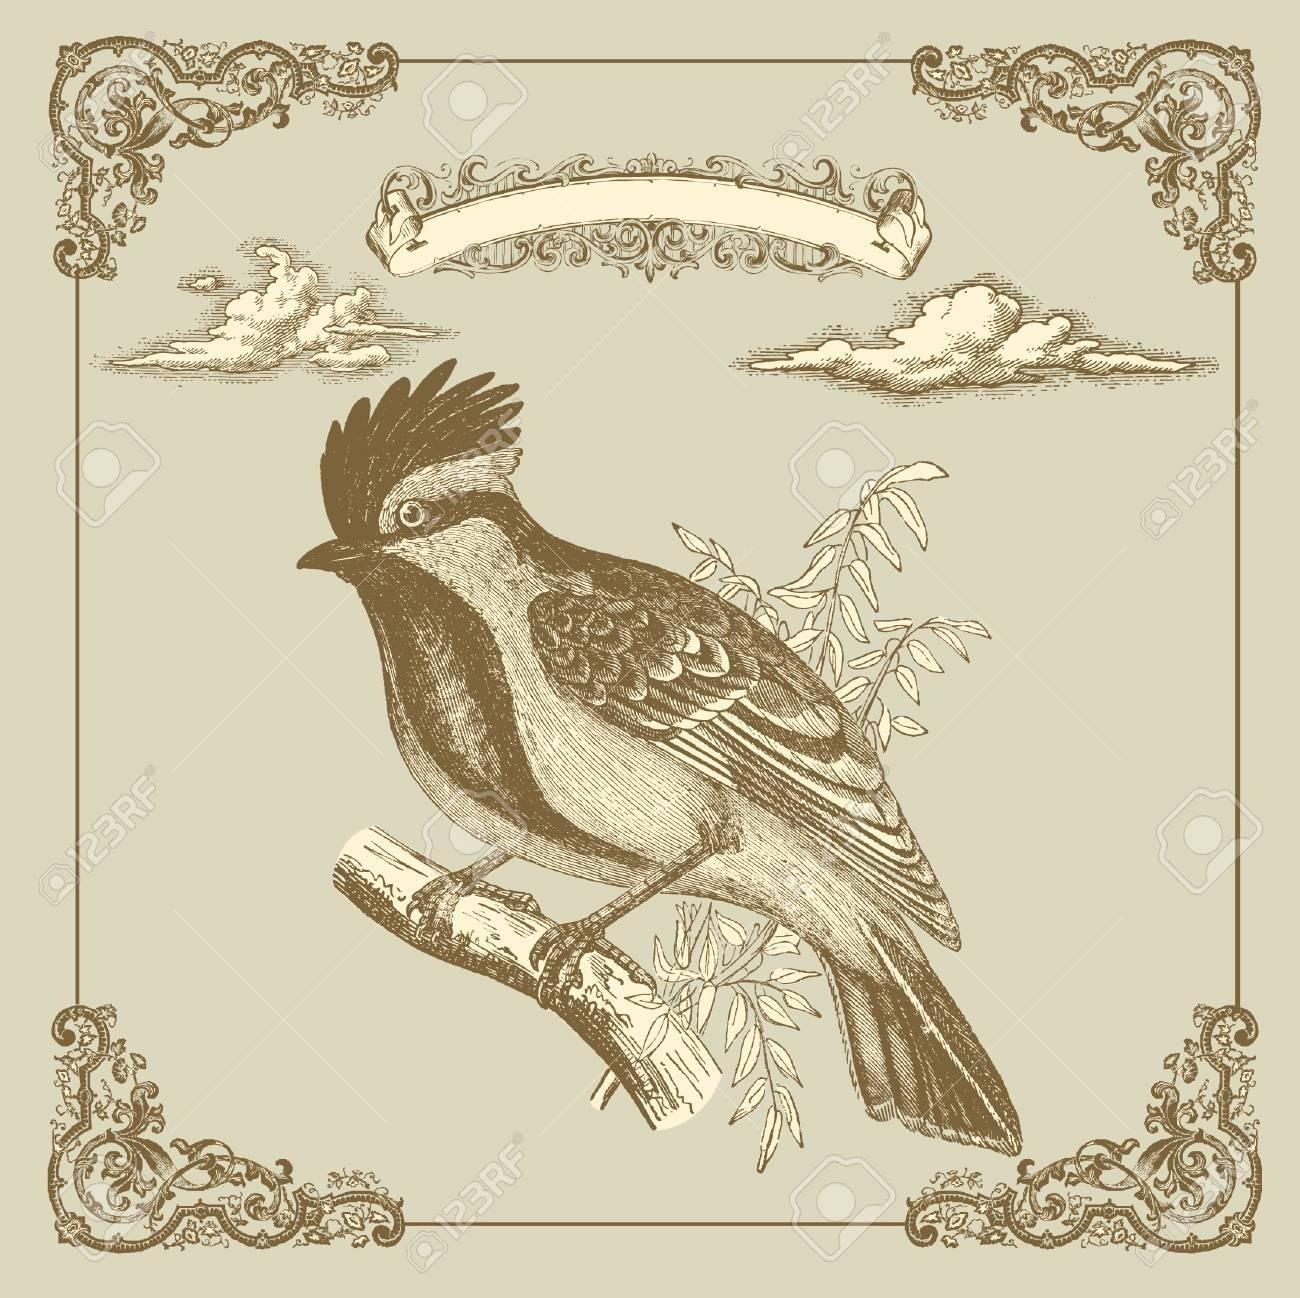 Retro card with bird Stock Vector - 9655395